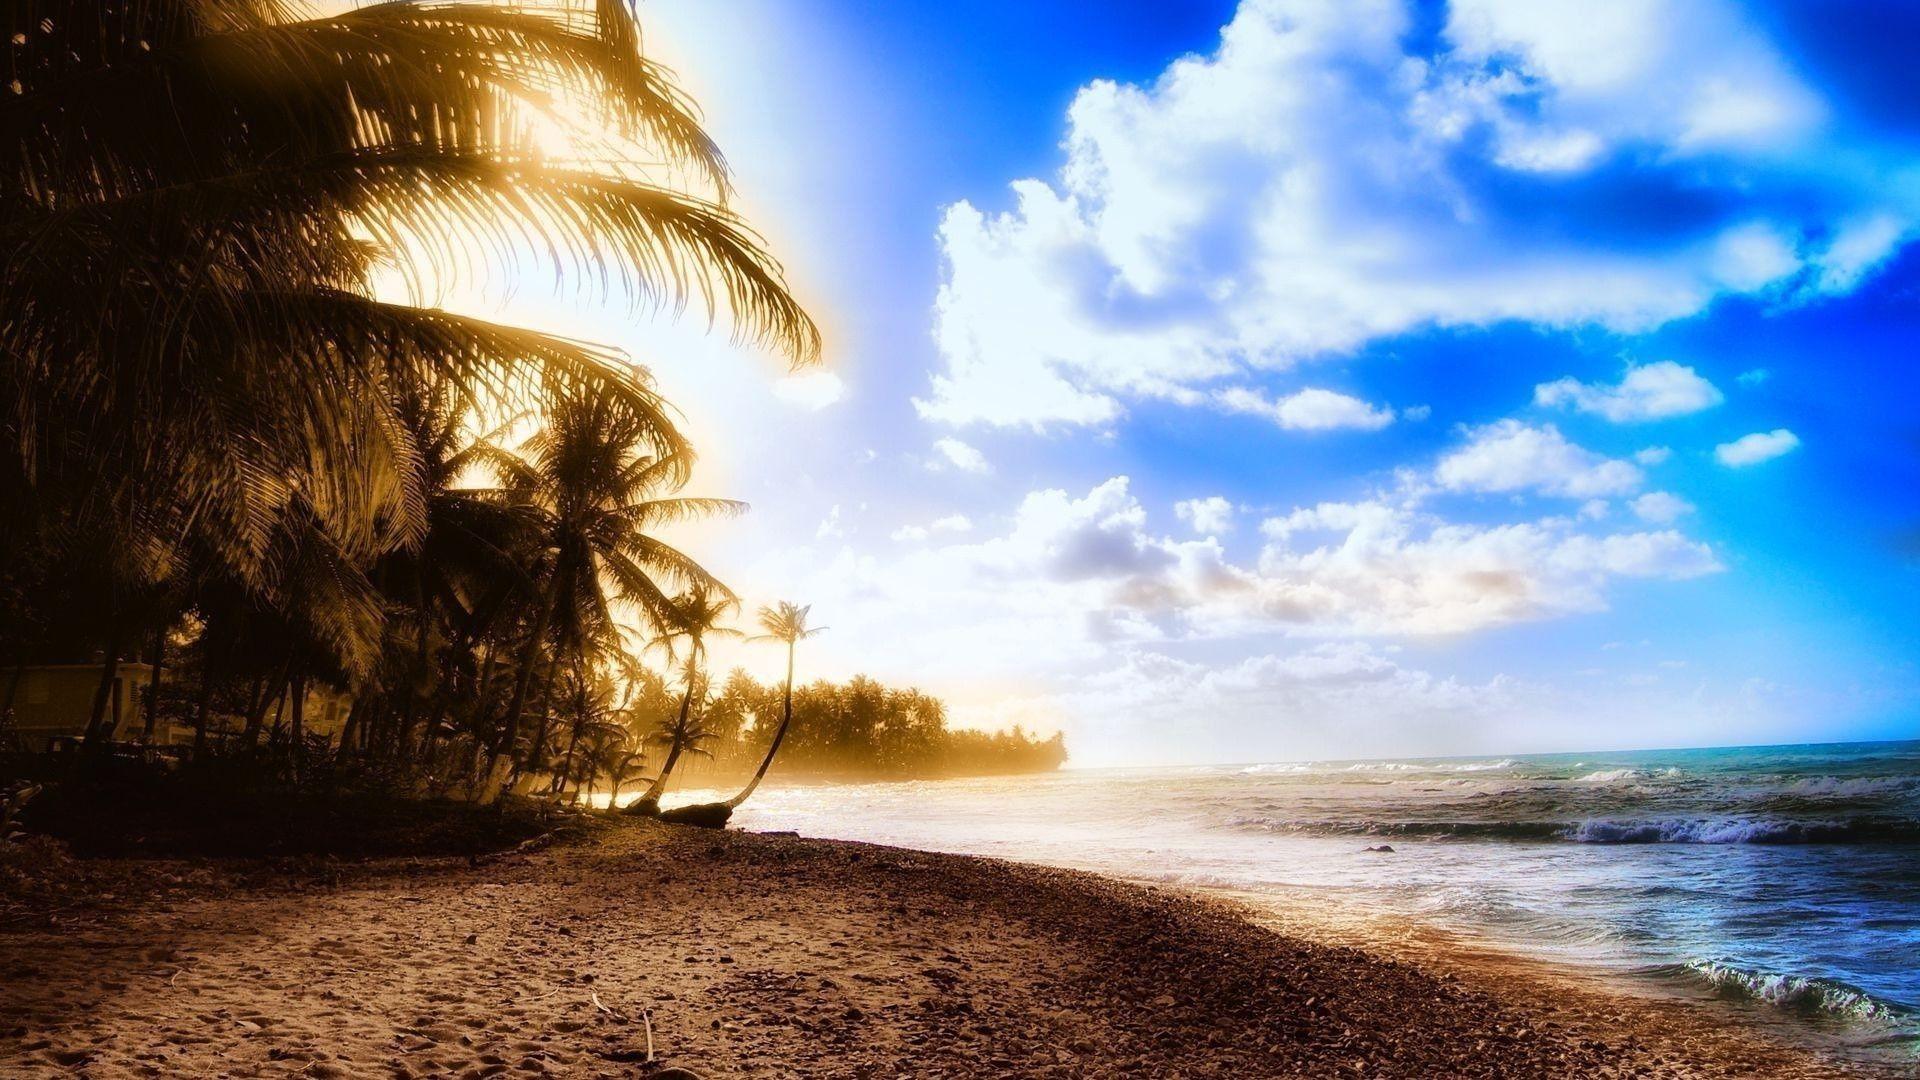 Summer HD Wallpapers 6 #SummerHDWallpapers #Summer #nature #wallpapers